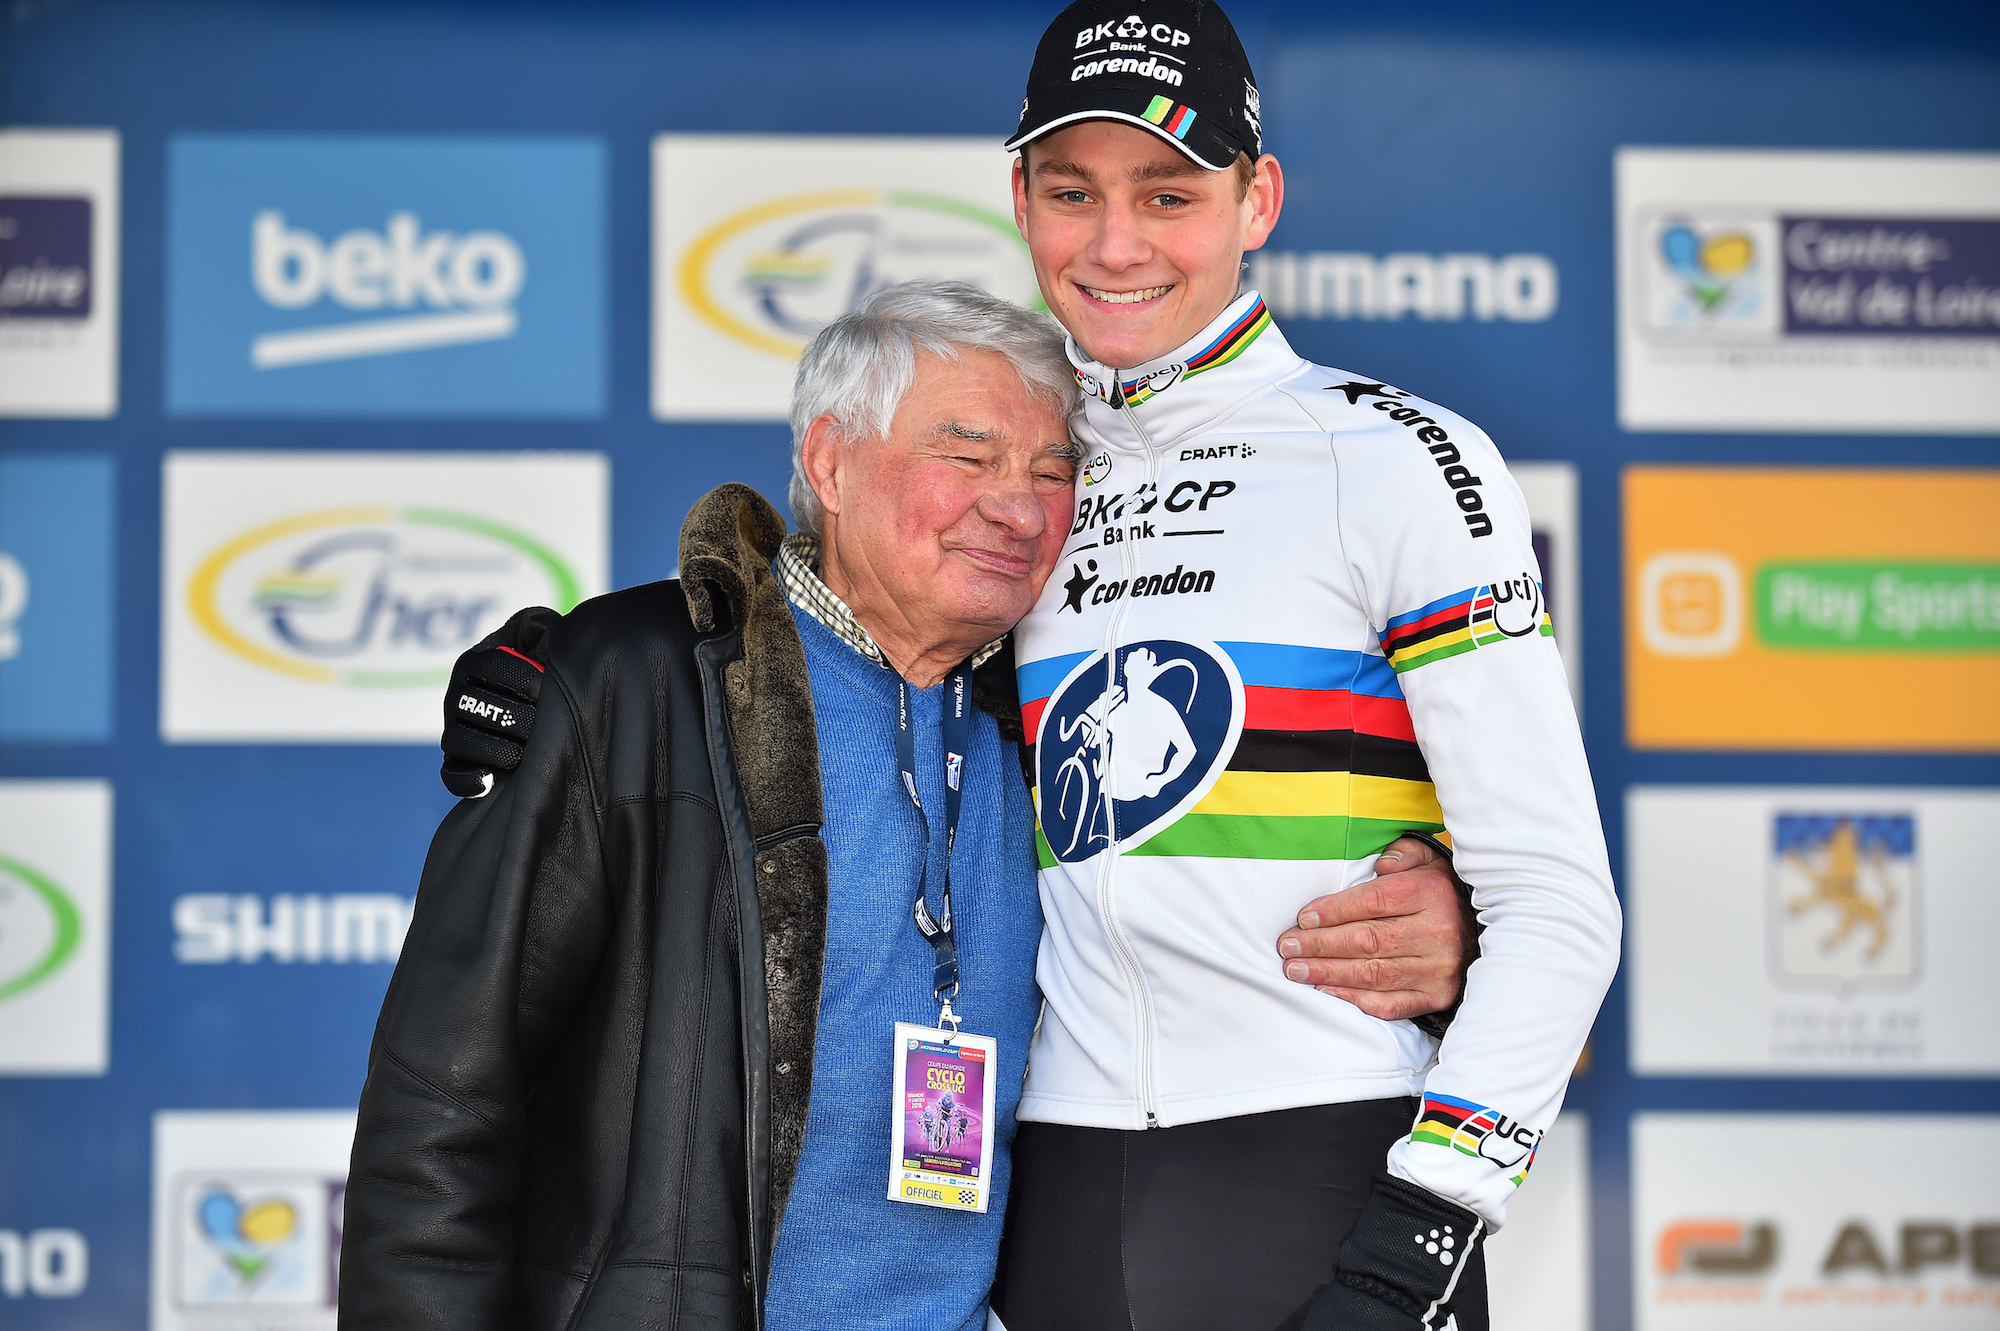 Tour de France legend Raymond Poulidor has died